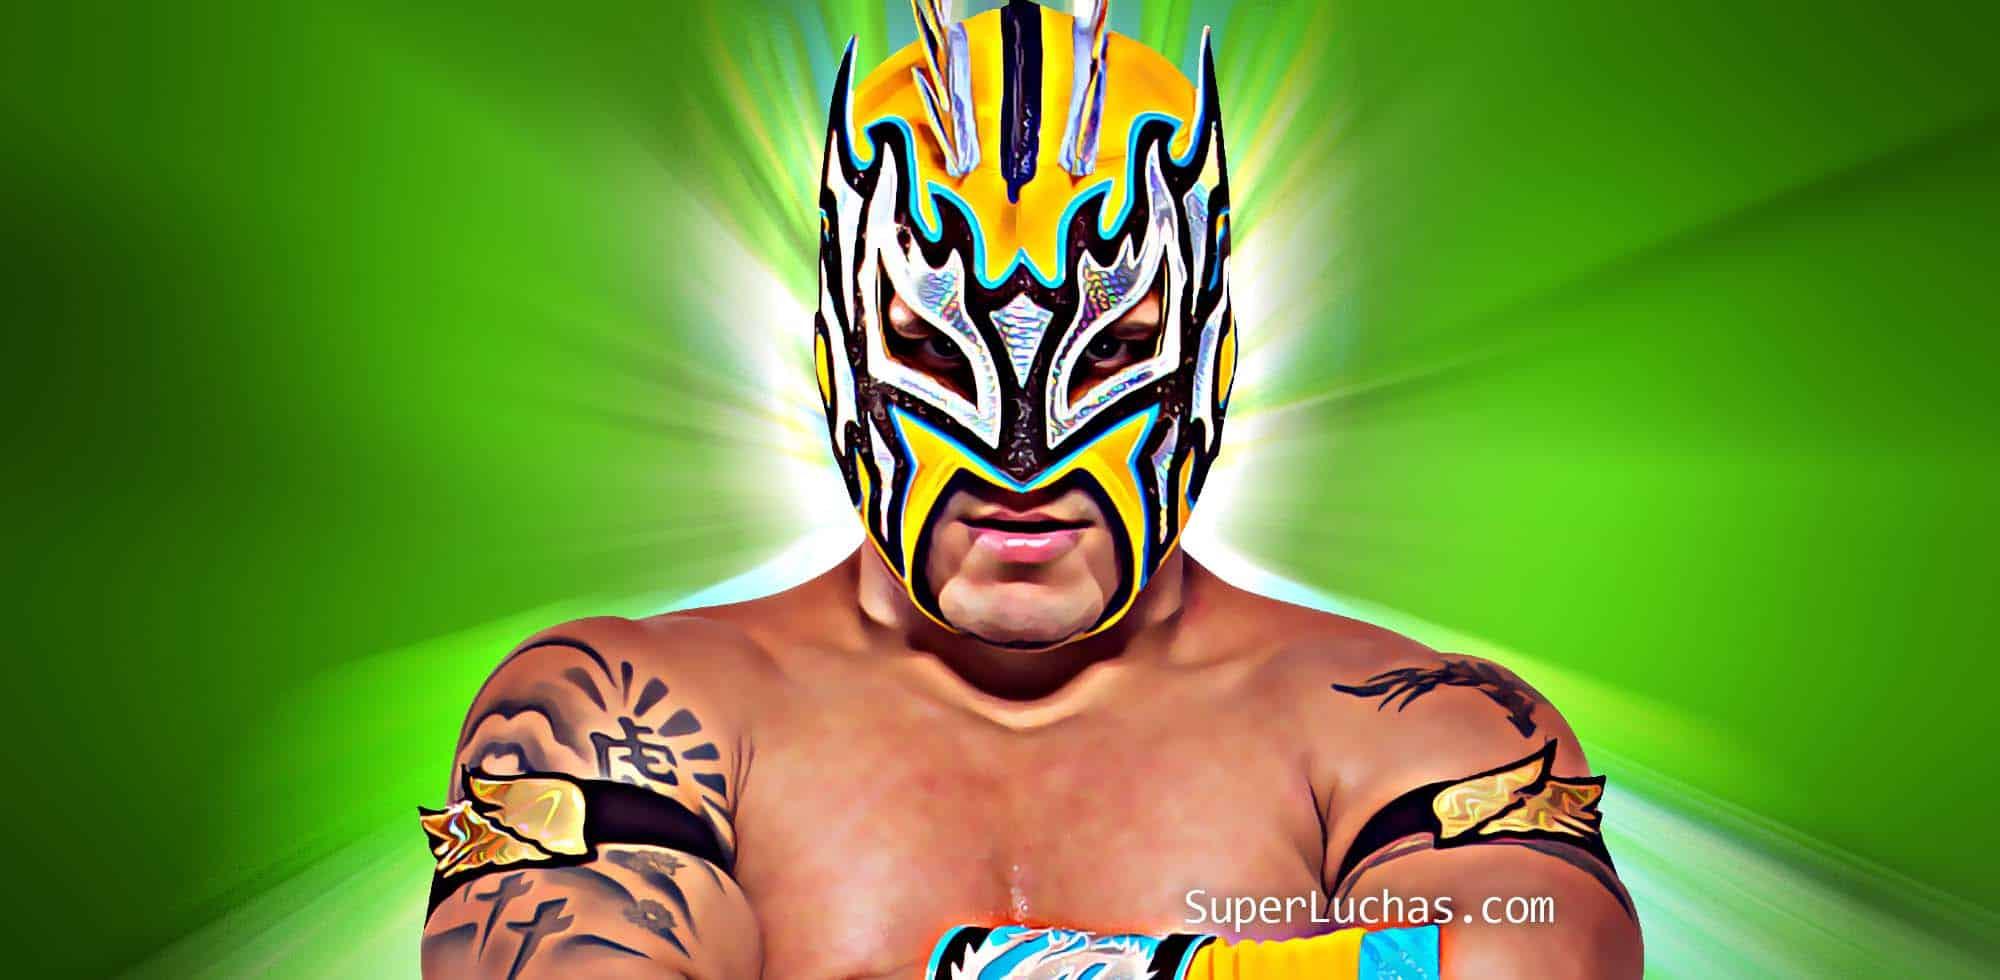 Al parecer, otra Superestrella está en problemas con WWE: Kalisto 1